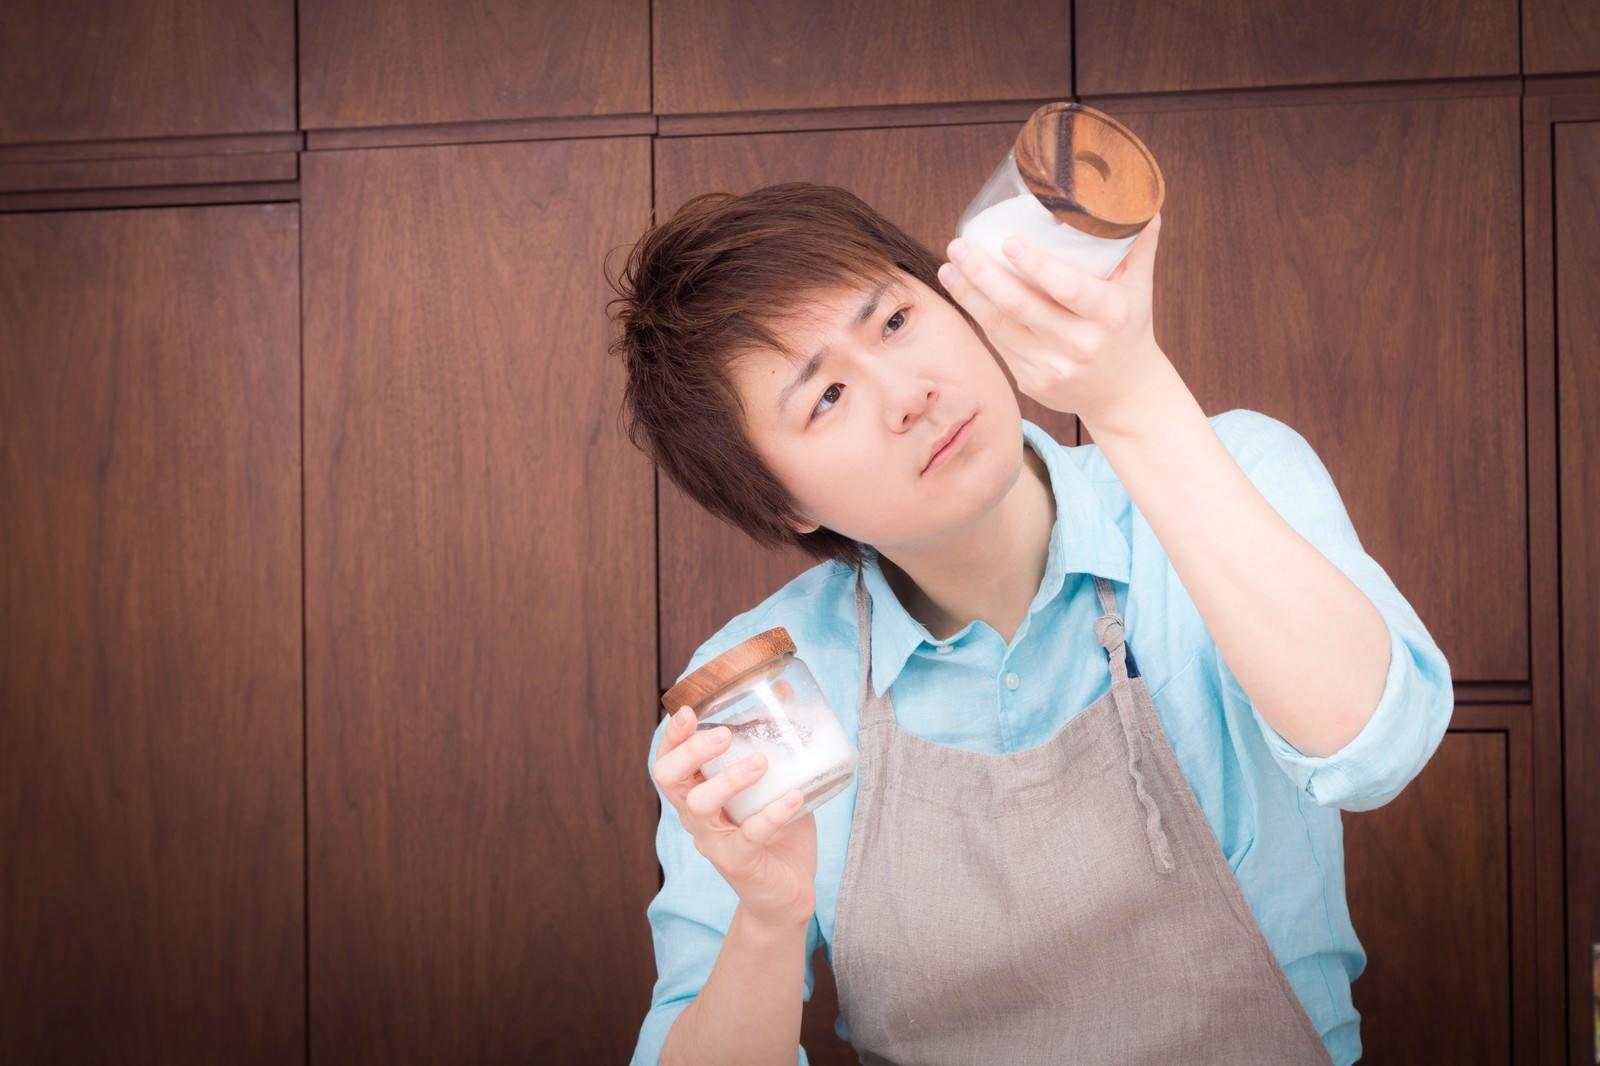 「塩と砂糖の違いを結晶の形で見切る夫(やべ、さっき入れたの砂糖だったわ・・・) | 写真の無料素材・フリー素材 - ぱくたそ」の写真[モデル:五十嵐夫妻]